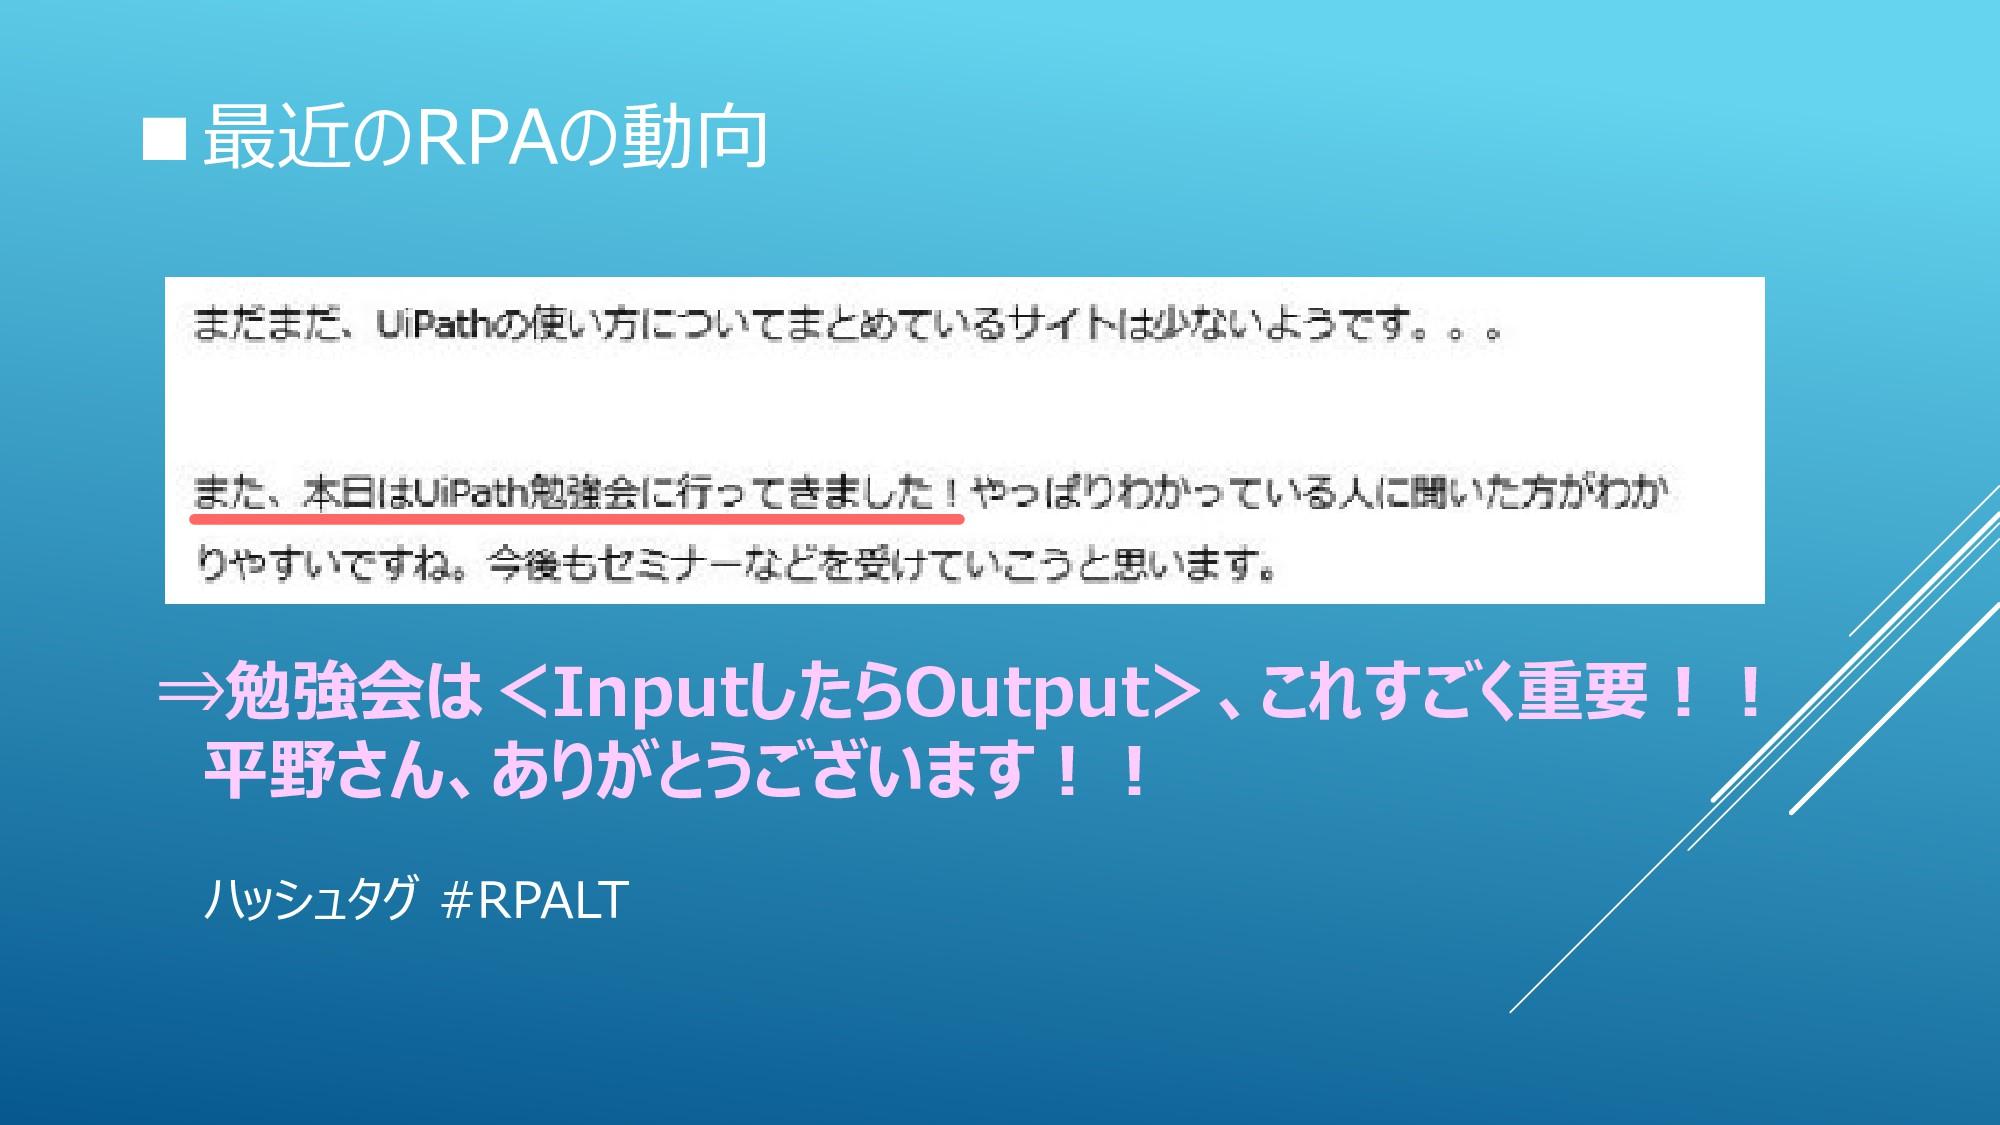 ■最近のRPAの動向 ⇒勉強会は<InputしたらOutput>、これすごく重要!! 平野さん...